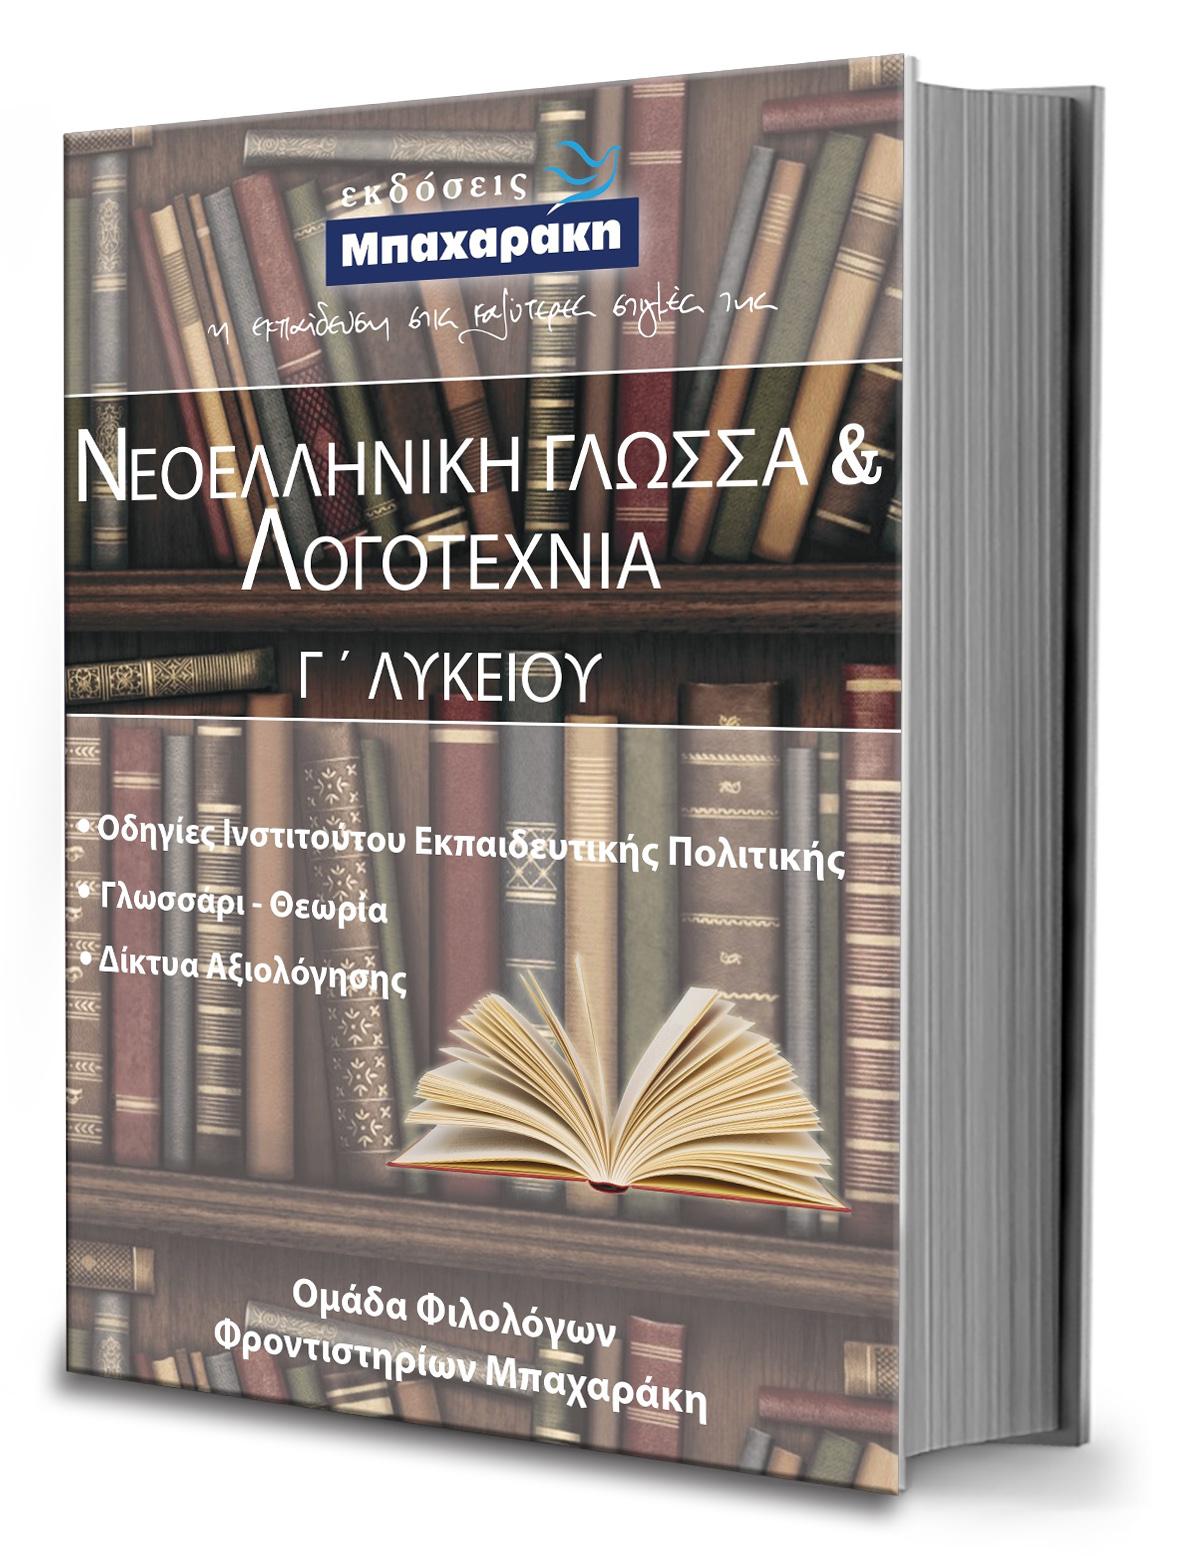 Εκδόσεις Μπαχαράκη: ΝΕΟΕΛΛΗΝΙΚΗ ΓΛΩΣΣΑ & ΛΟΓΟΤΕΧΝΙΑ Γ' Λυκείου, 1ος τόμος